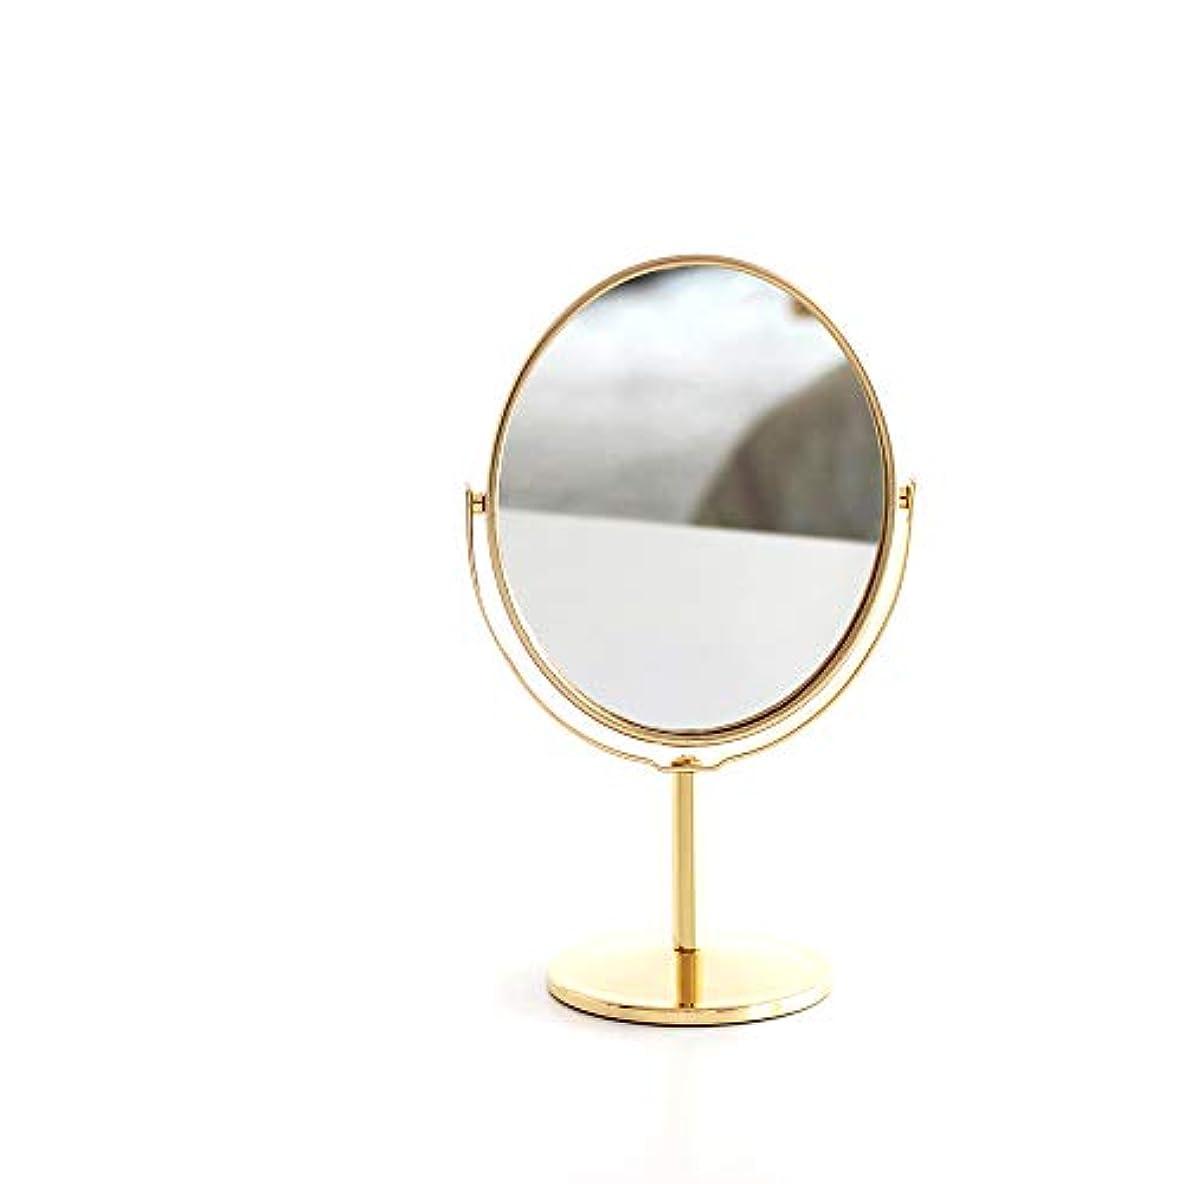 チューリップ大胆なキリマンジャロメタル両面卓上鏡 スタンドミラー 化粧鏡 拡大鏡付き 楕円ミラー 360度回転 コンパクトサイズ 10X12cm (ゴールド)